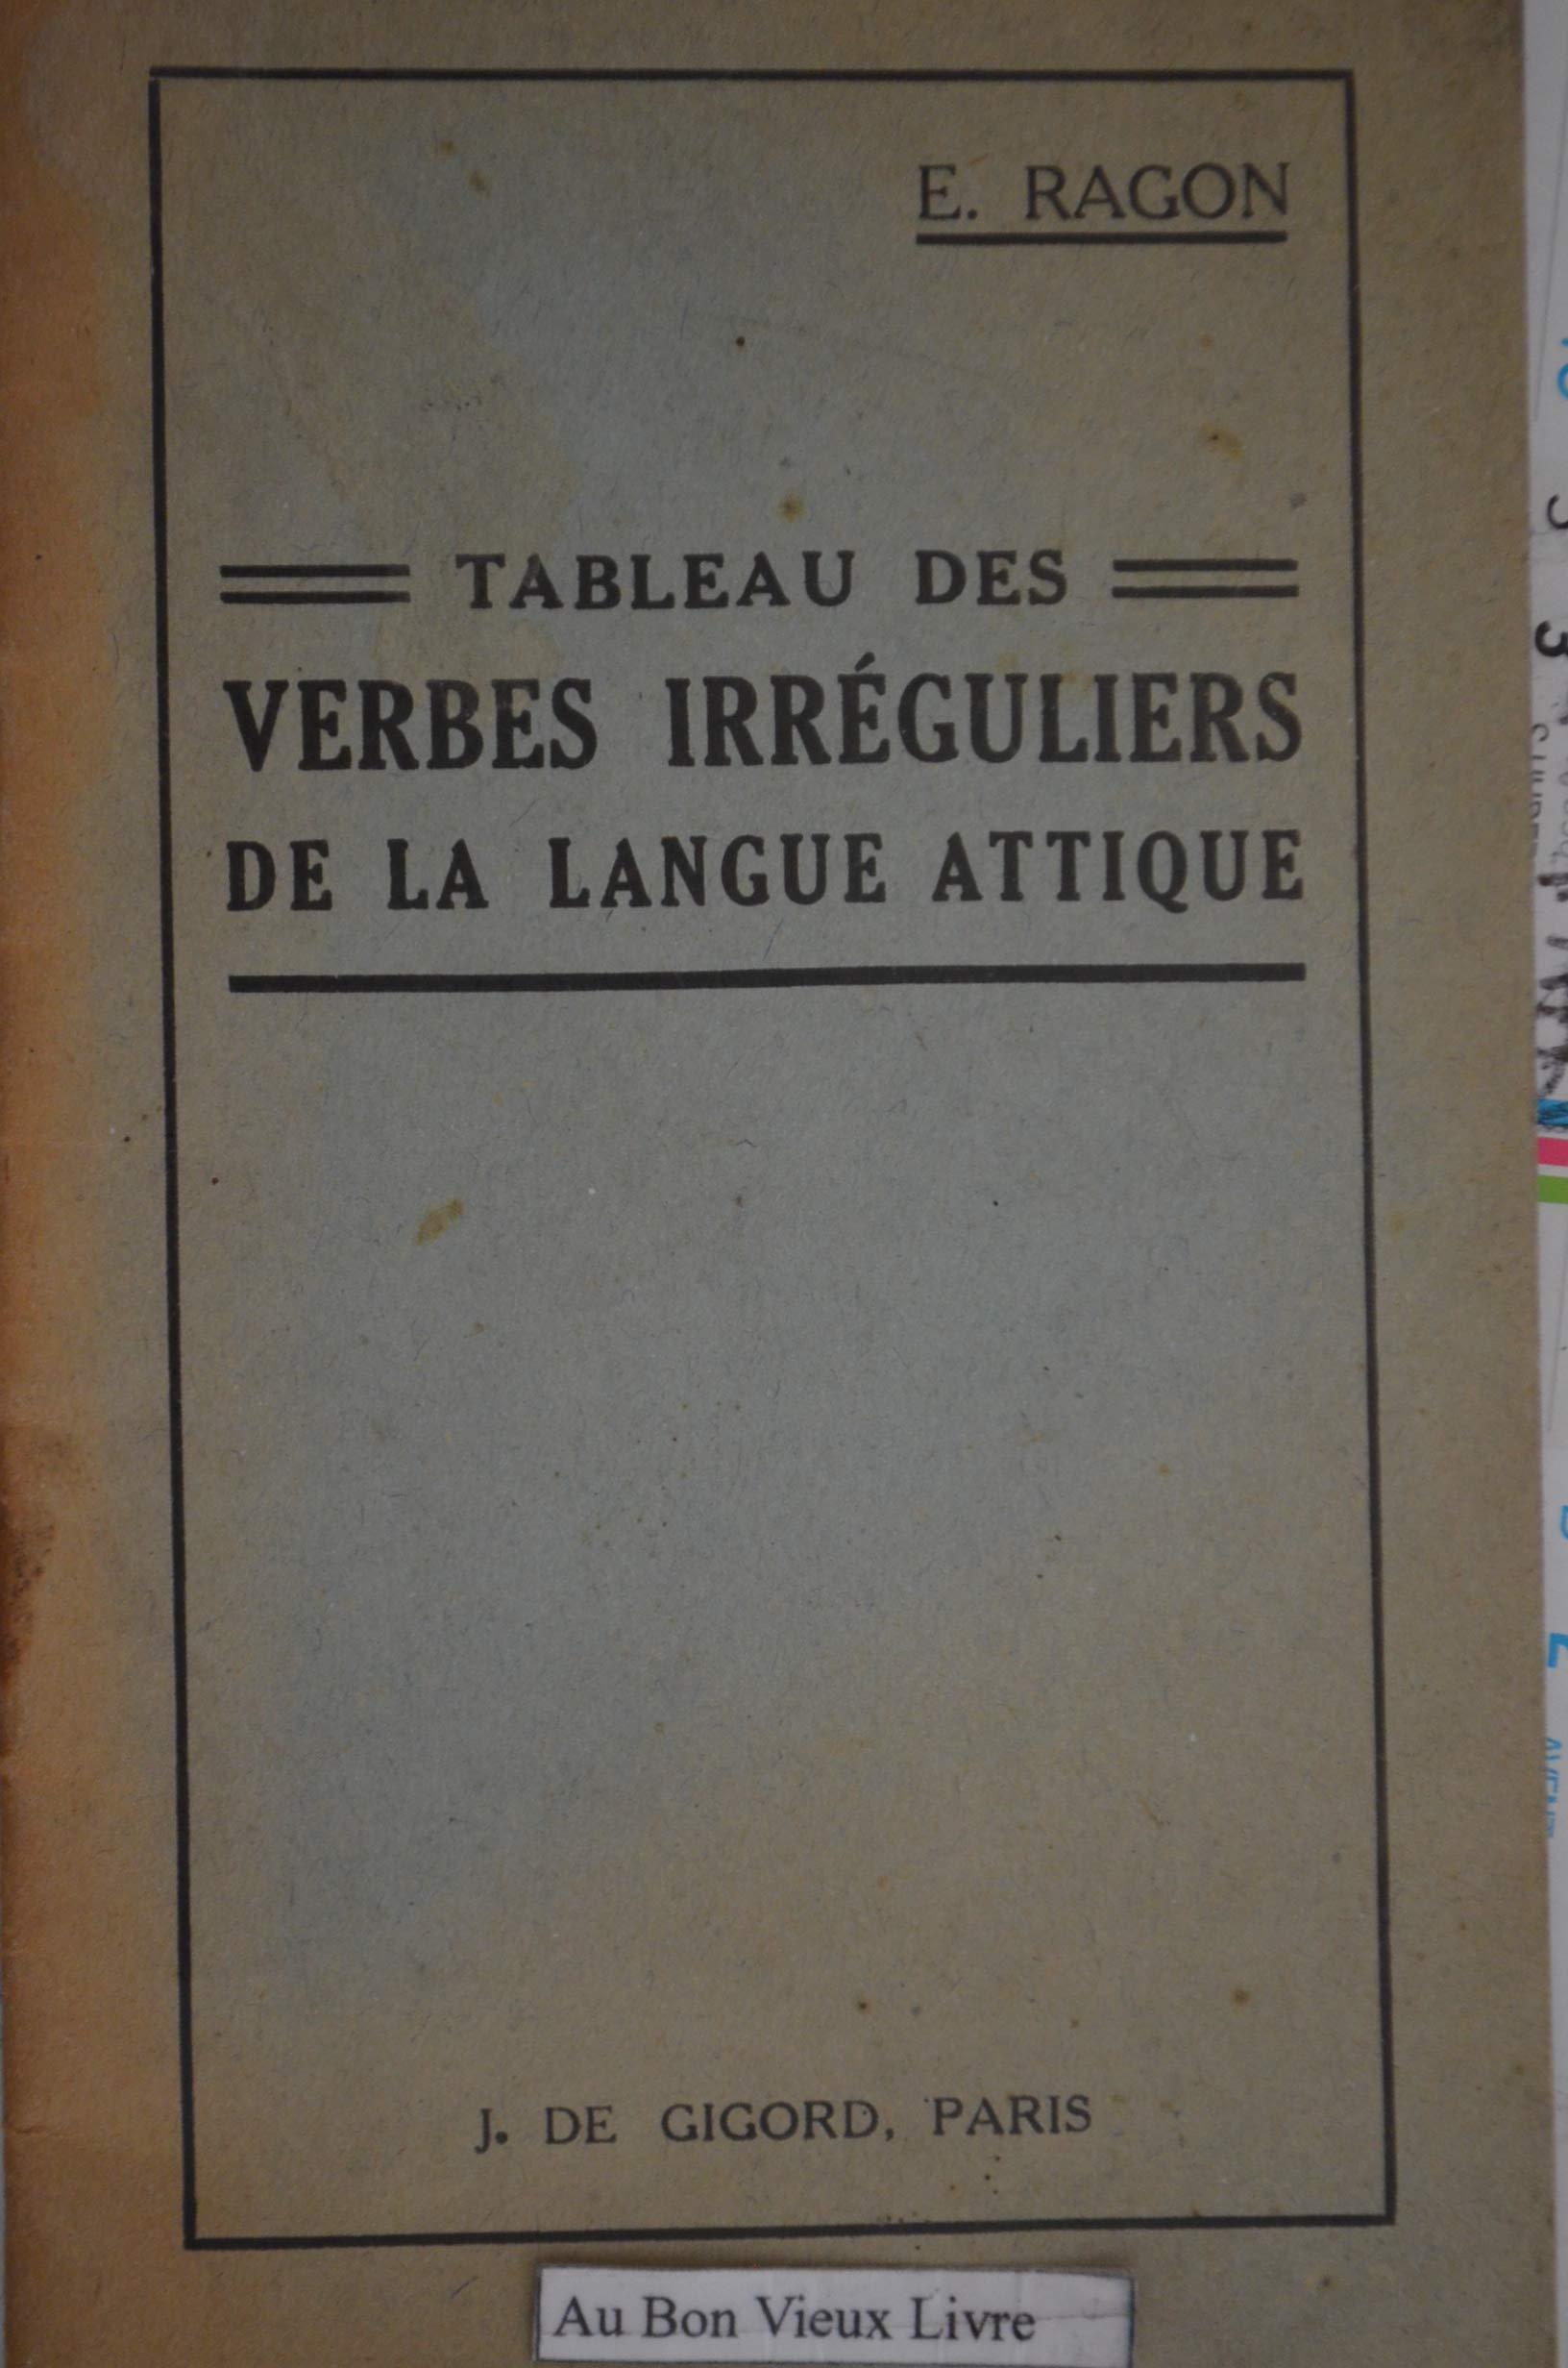 Amazon Fr Tableau Des Verbes Irreguliers De La Langue Attique Ragon E Livres